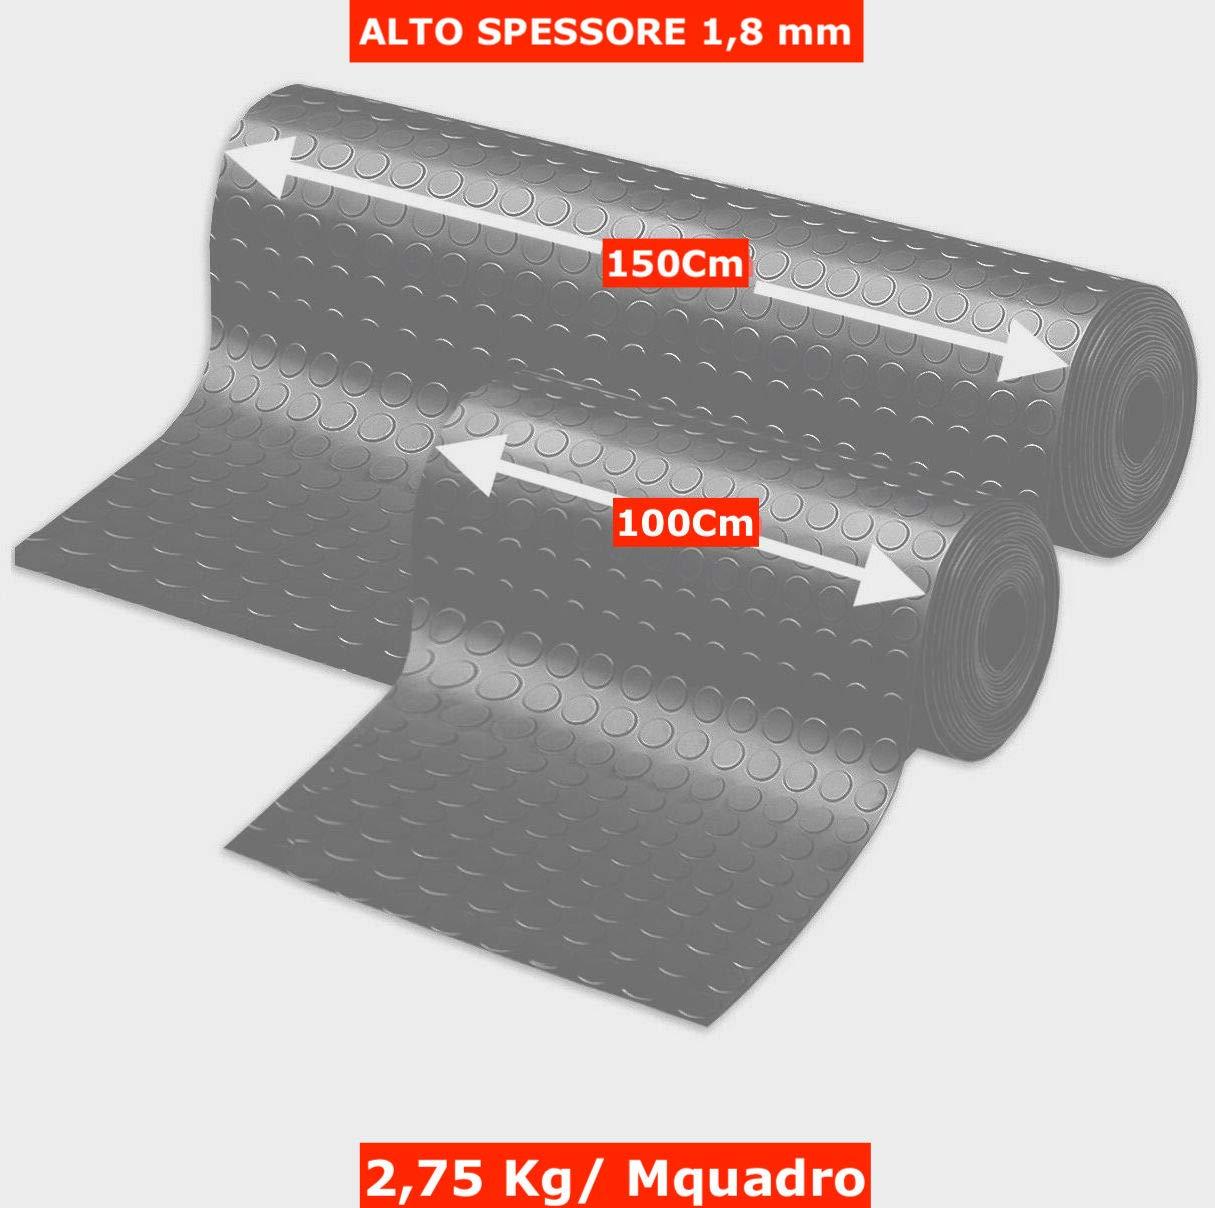 dise/ño de Burbujas Alfombra de Goma Antideslizante alfombras de Goma por Metro para la Industria en Varios Modelos y tama/ños Olivo Tappeti Suelo de Goma Aislante Alfombrilla de Goma